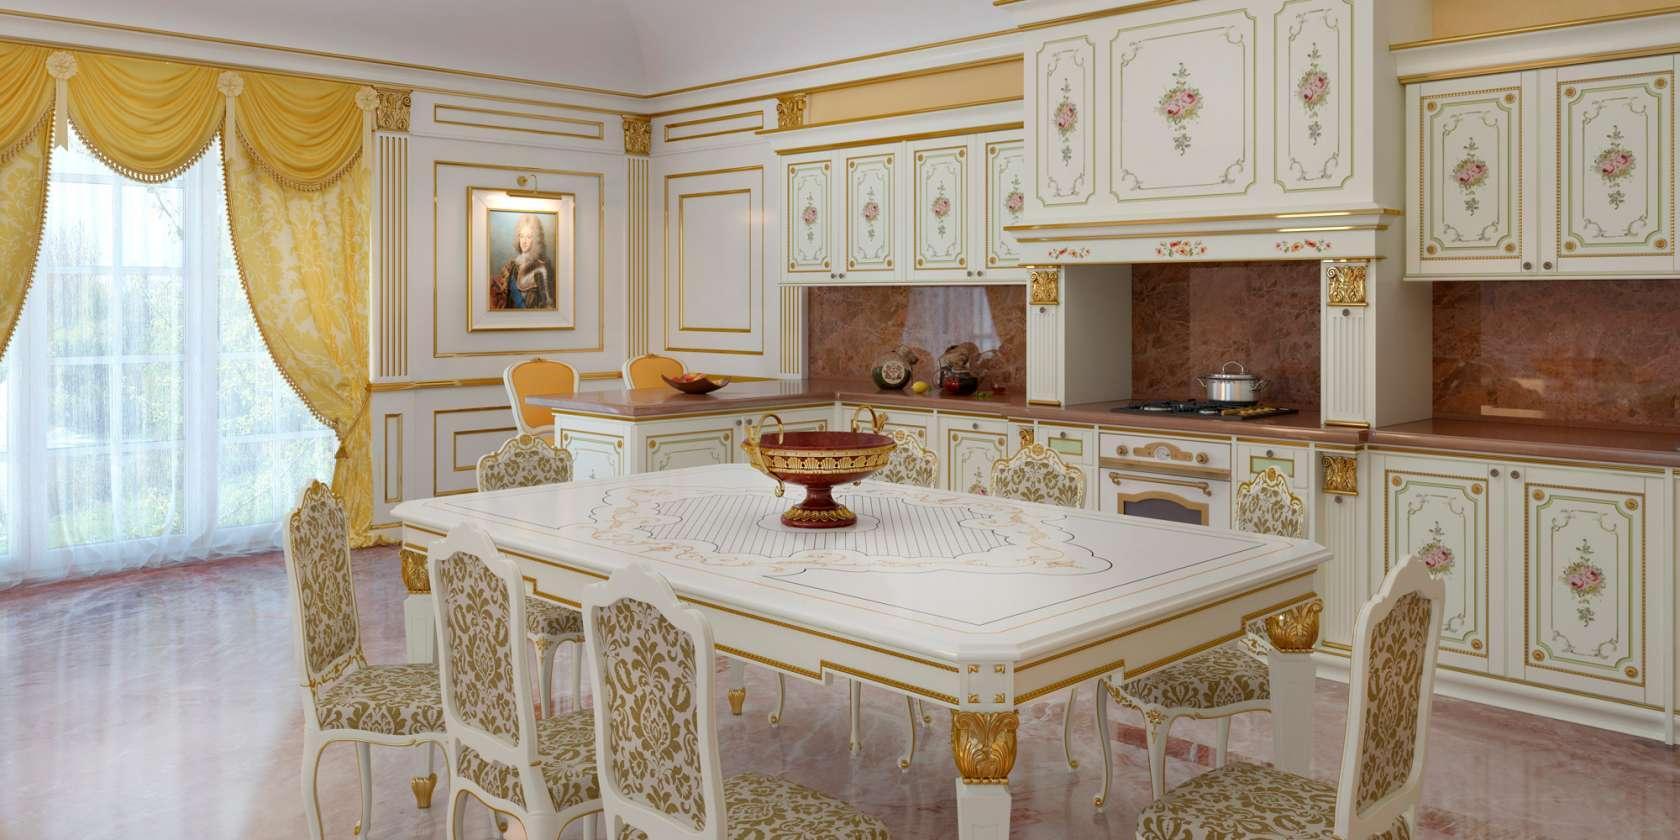 Желтый цвет штор в комбинации со светлой отделкой и фасадом мебели - наилучший вариант для темной кухни